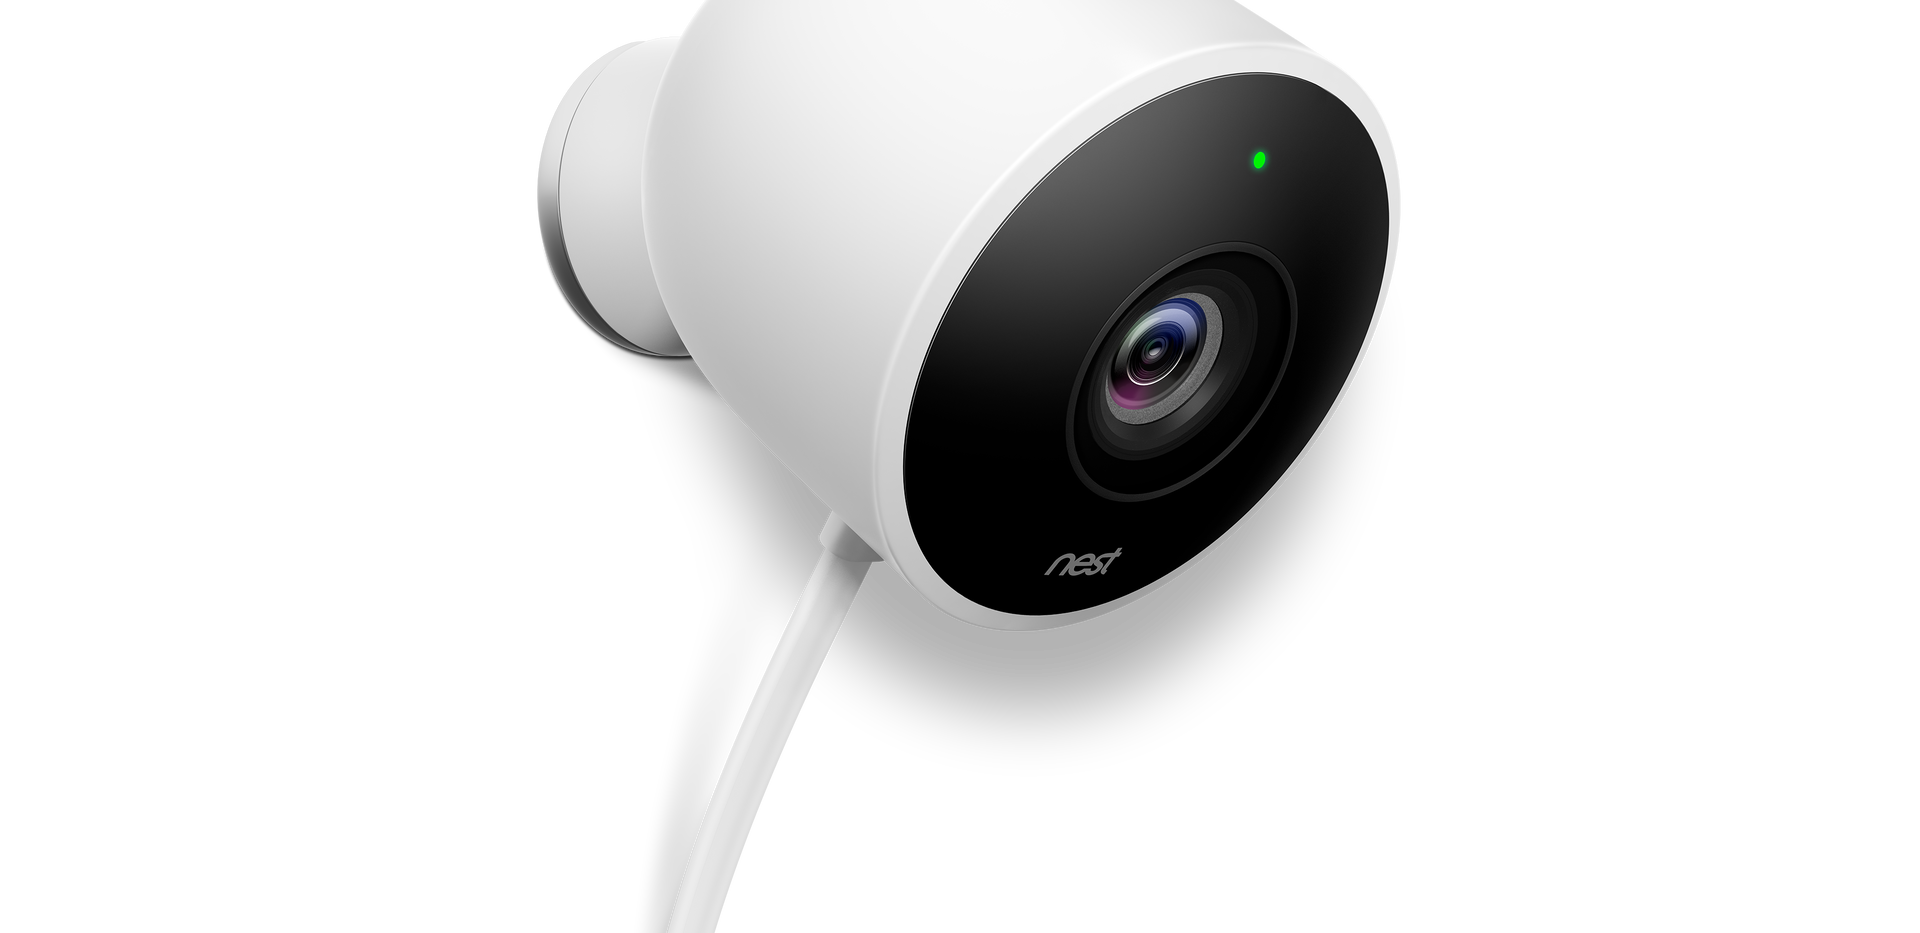 Nest Cam (Outdoor)